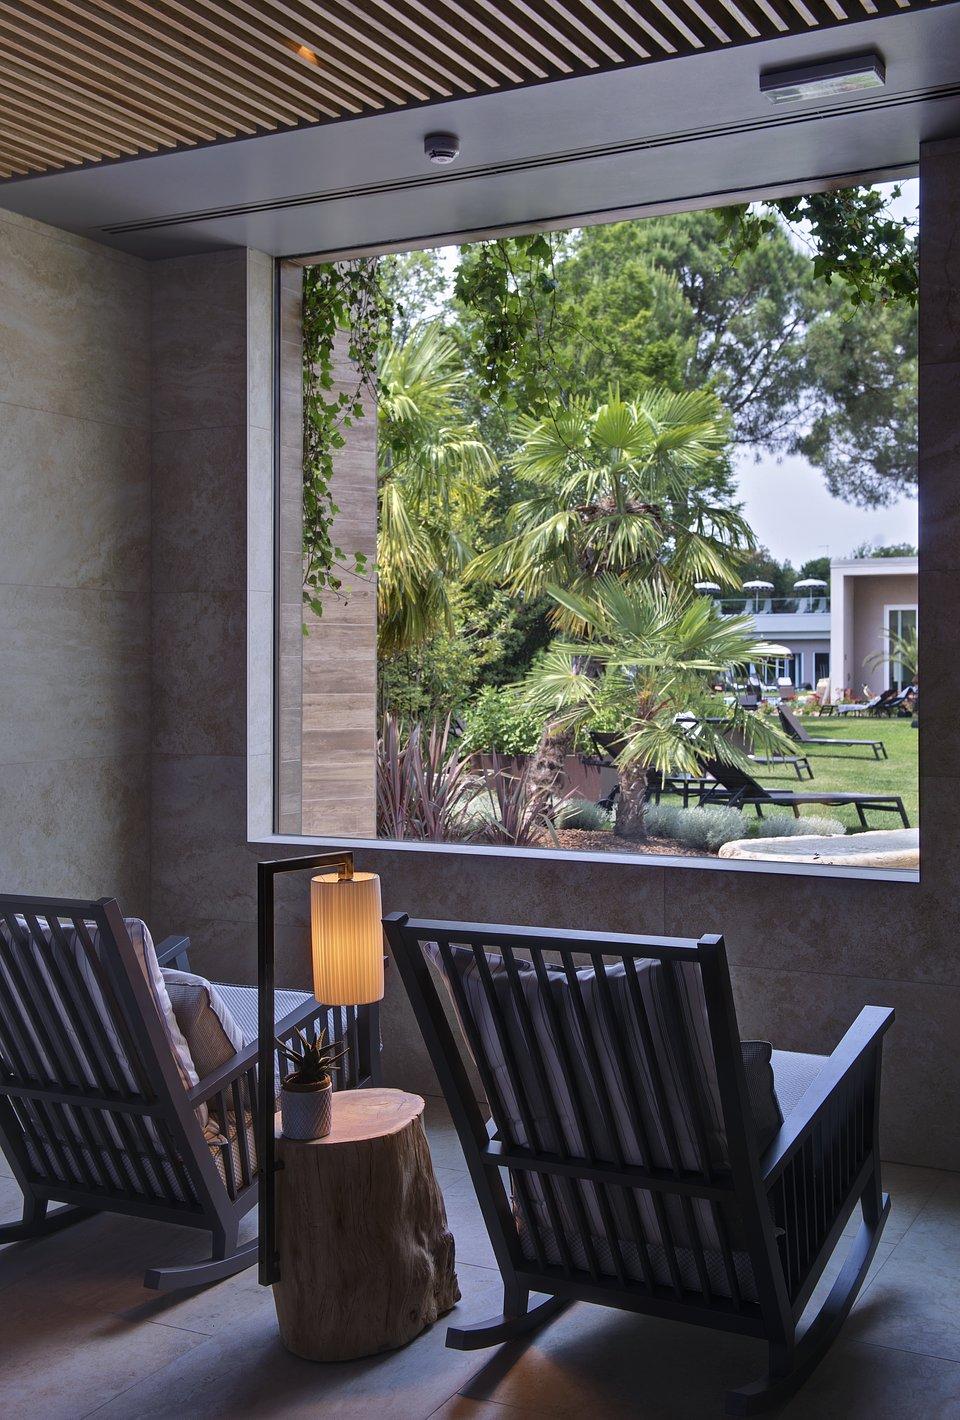 Ampliamento Spa_Hotel Mioni Pezzato_Andrea Auletta Interiors (8).tif